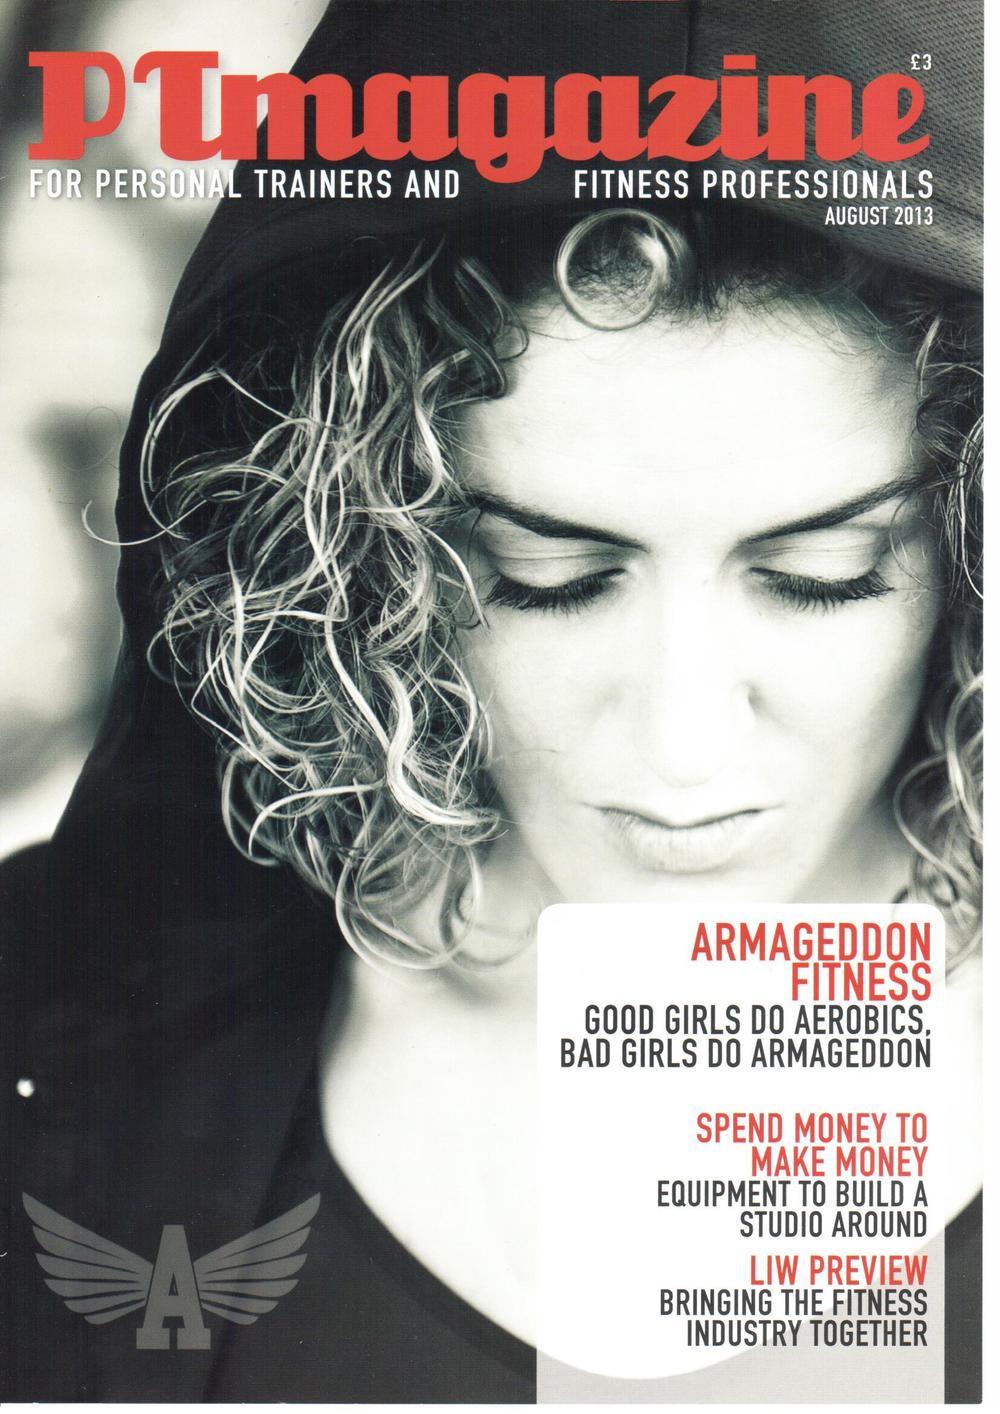 PT Magazine August 2013 cover.jpg